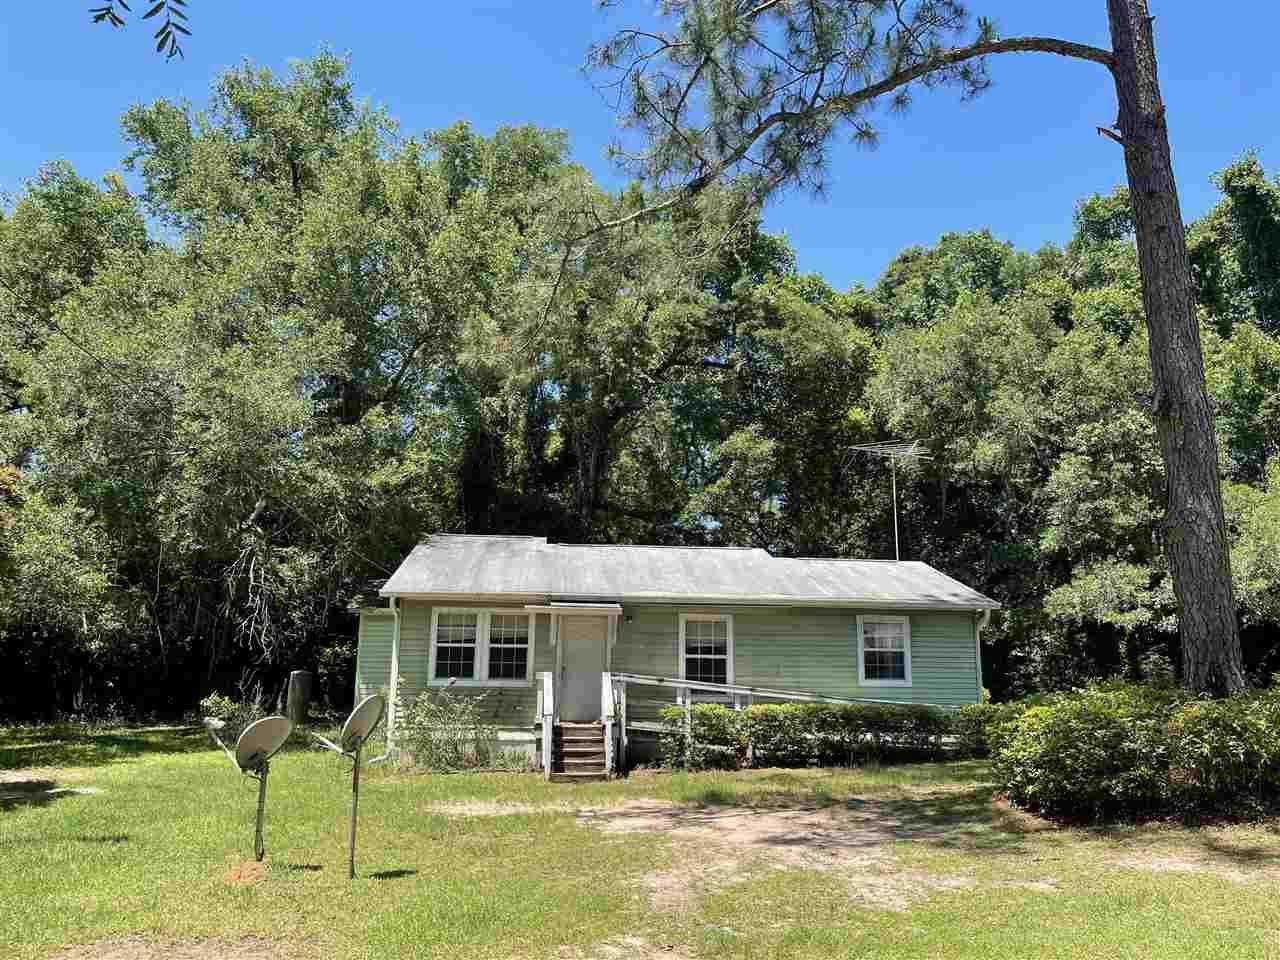 Photo of 6002 Nabb Ct, TALLAHASSEE, FL 32317 (MLS # 332023)